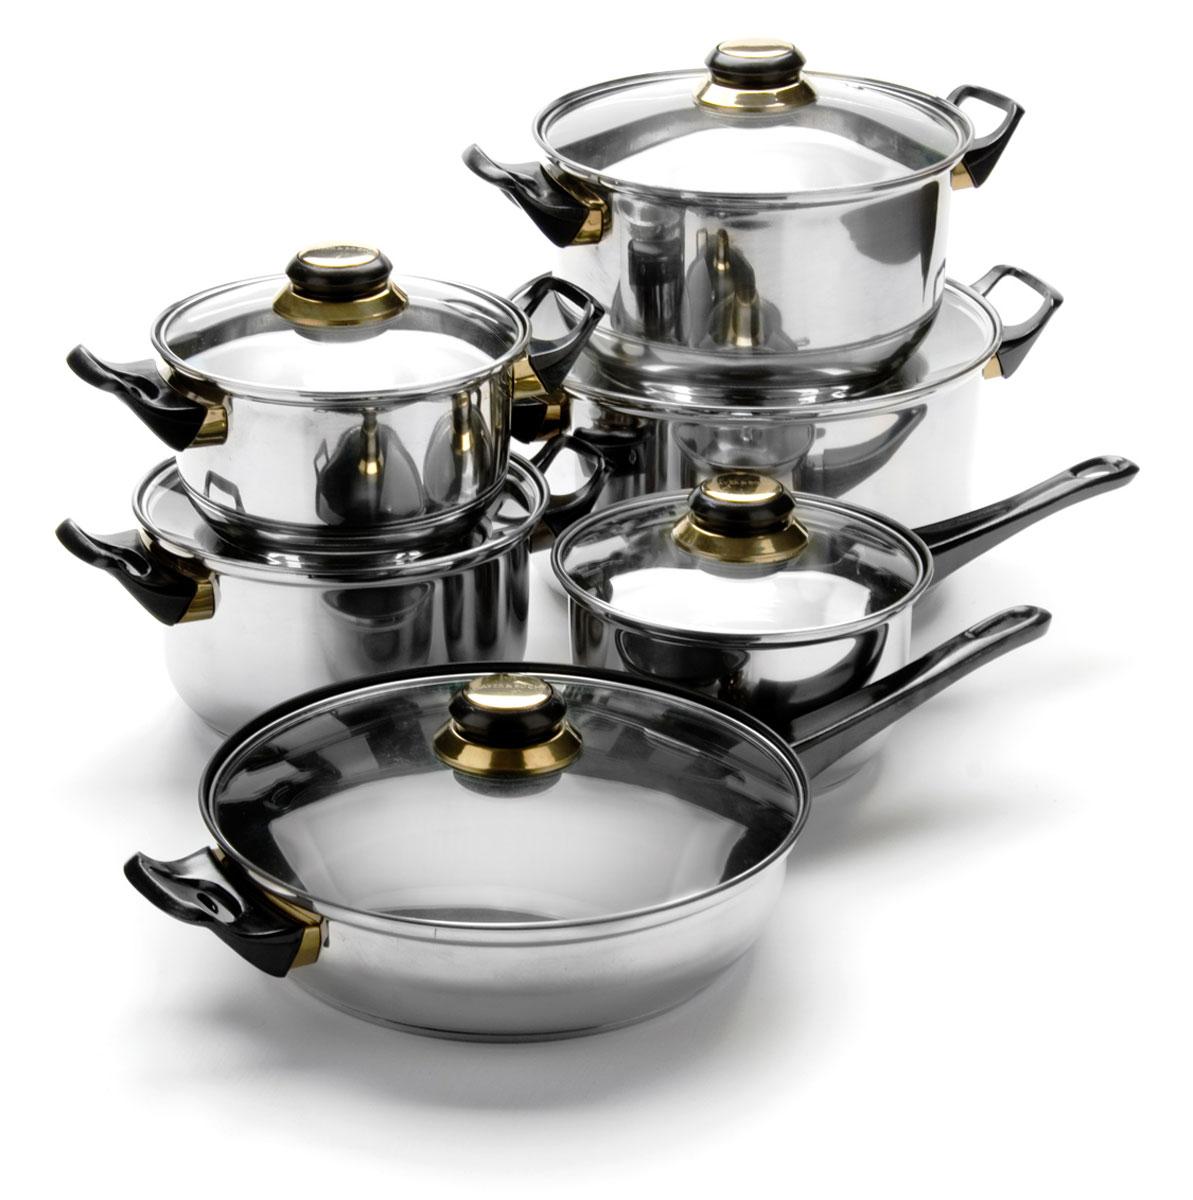 Набор посуды Mayer & Boch, 12 предметов. 6077115510Набор посуды станет отличным дополнением к набору кухонной утвари. С его приобретением приготовление ваших любимых блюд перейдет на качественно новый уровень и вы сможете воплотить в жизнь любые кулинарные идеи. В комплект входят 12 предметов: ковш (объем 1,9 л), сковорода (объем 4 л), 4 кастрюли (объем 1,9, 2,8, 3,6, 5,5 л), 6 крышек. Набор многофункционален и удобен в использовании, подойдет для варки супов, приготовления блюд из мяса и рыбы, гарниров, соусов т. д.